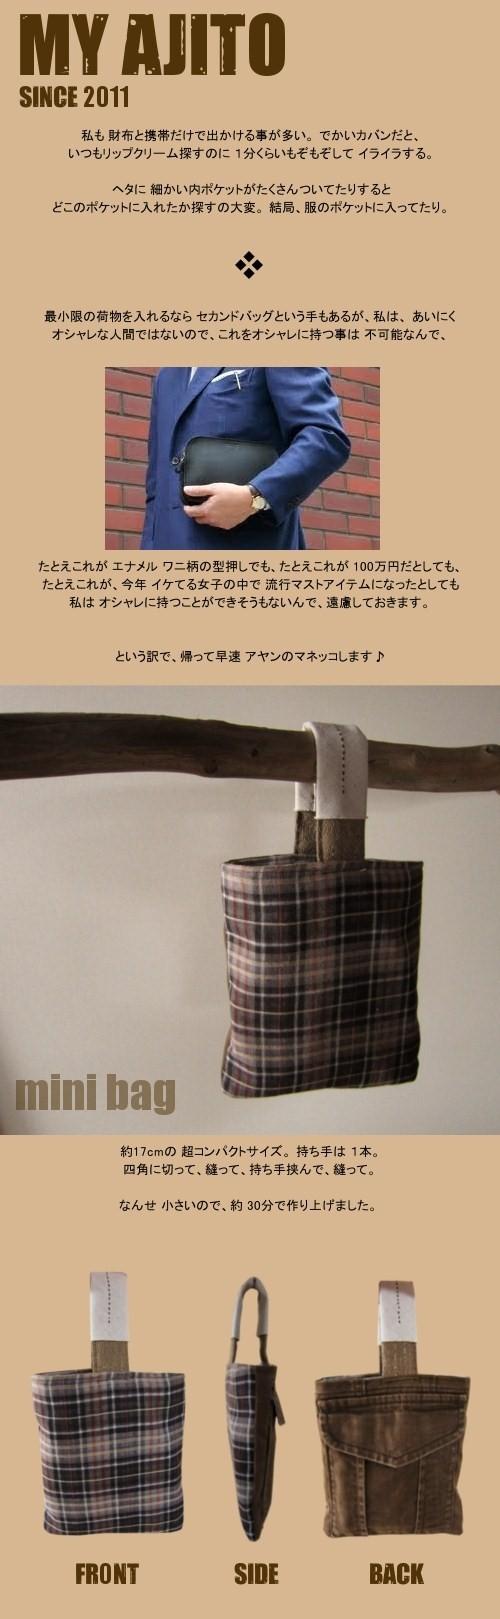 jp_ab_4.jpg